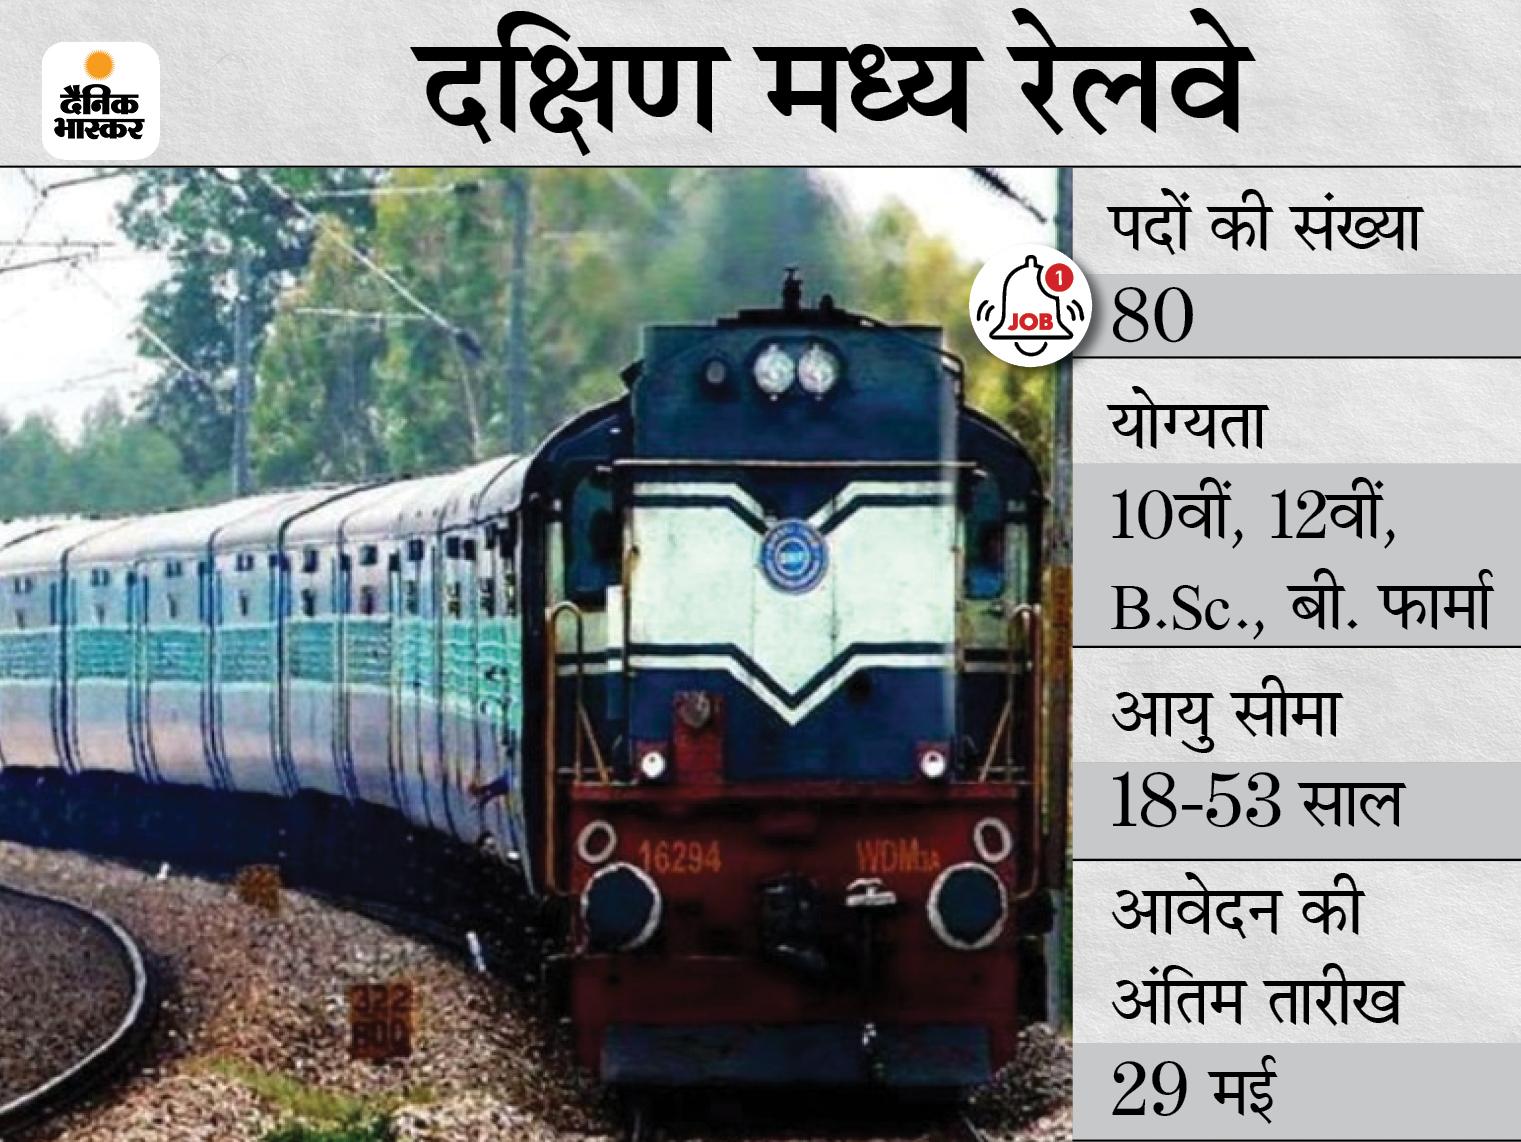 दक्षिण मध्य रेलवे ने मेडिकल स्टाफ के विभिन्न पदों के लिए मांगे आवेदन, बिना परीक्षा सीधे इंटरव्यू के जरिए होगी भर्ती करिअर,Career - Dainik Bhaskar